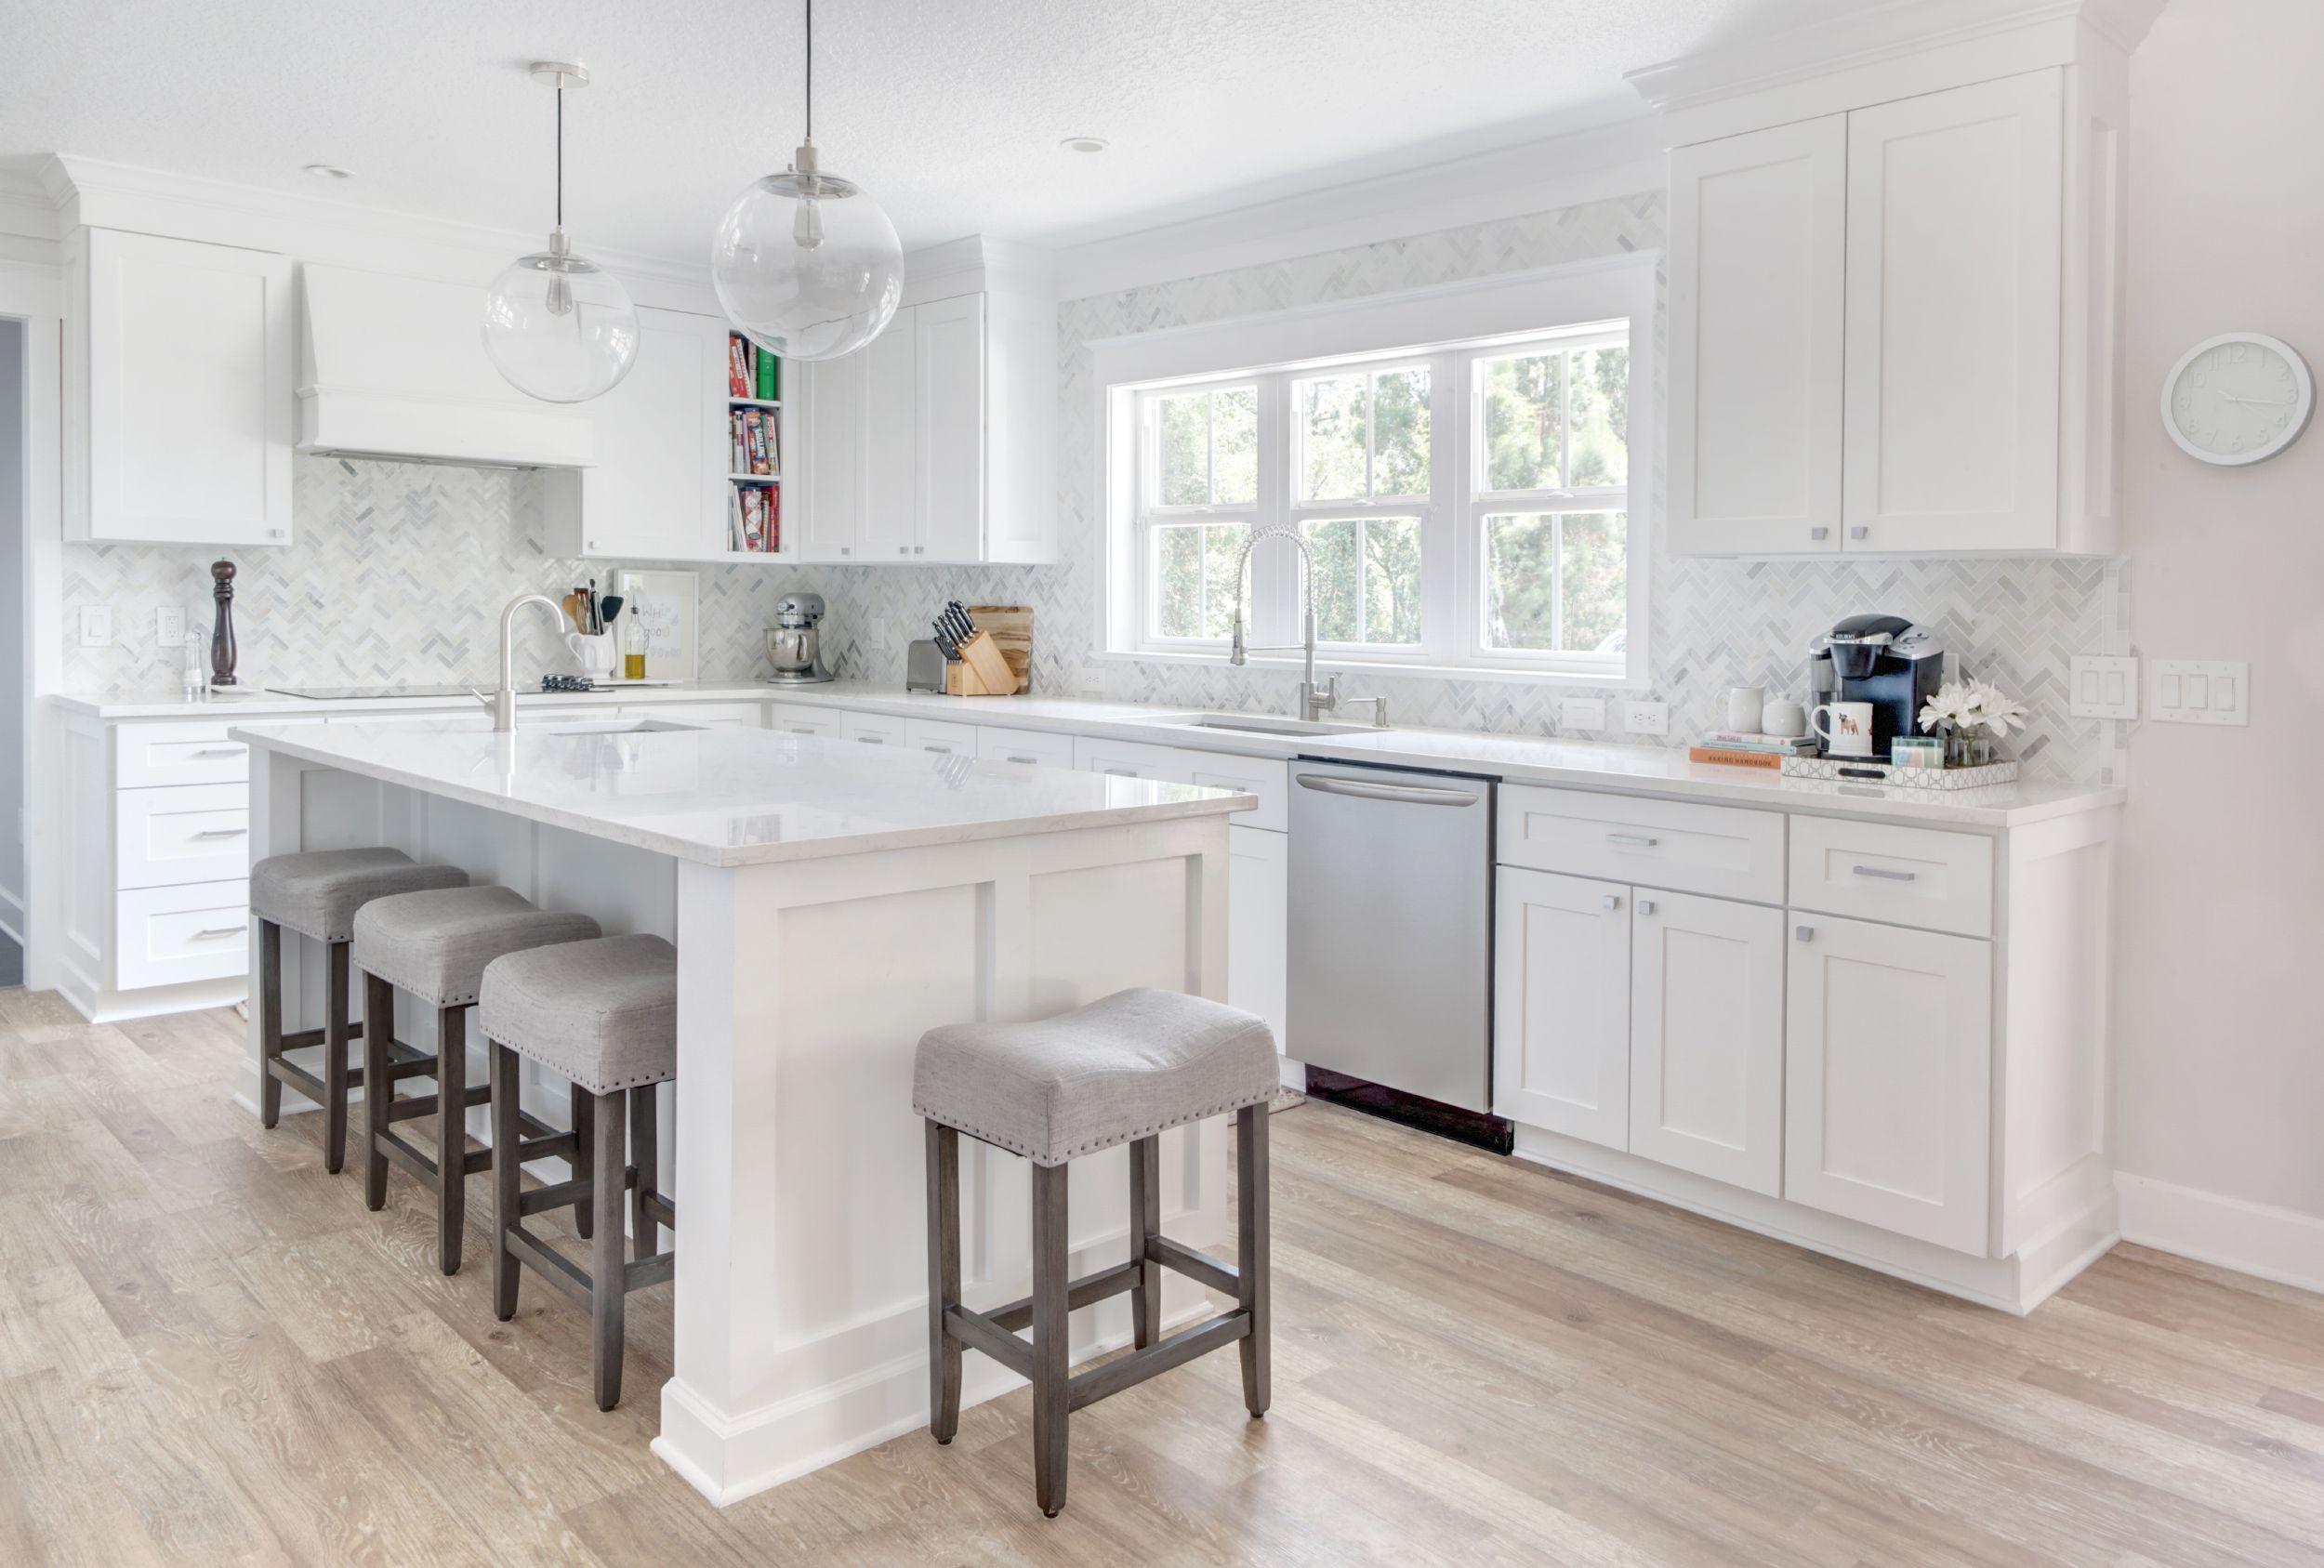 White Kitchen Renovation Interior Design Design Inspiration White Kitchen Cabinets Quartz Coun White Kitchen Renovation White Kitchen Design Kitchen Design